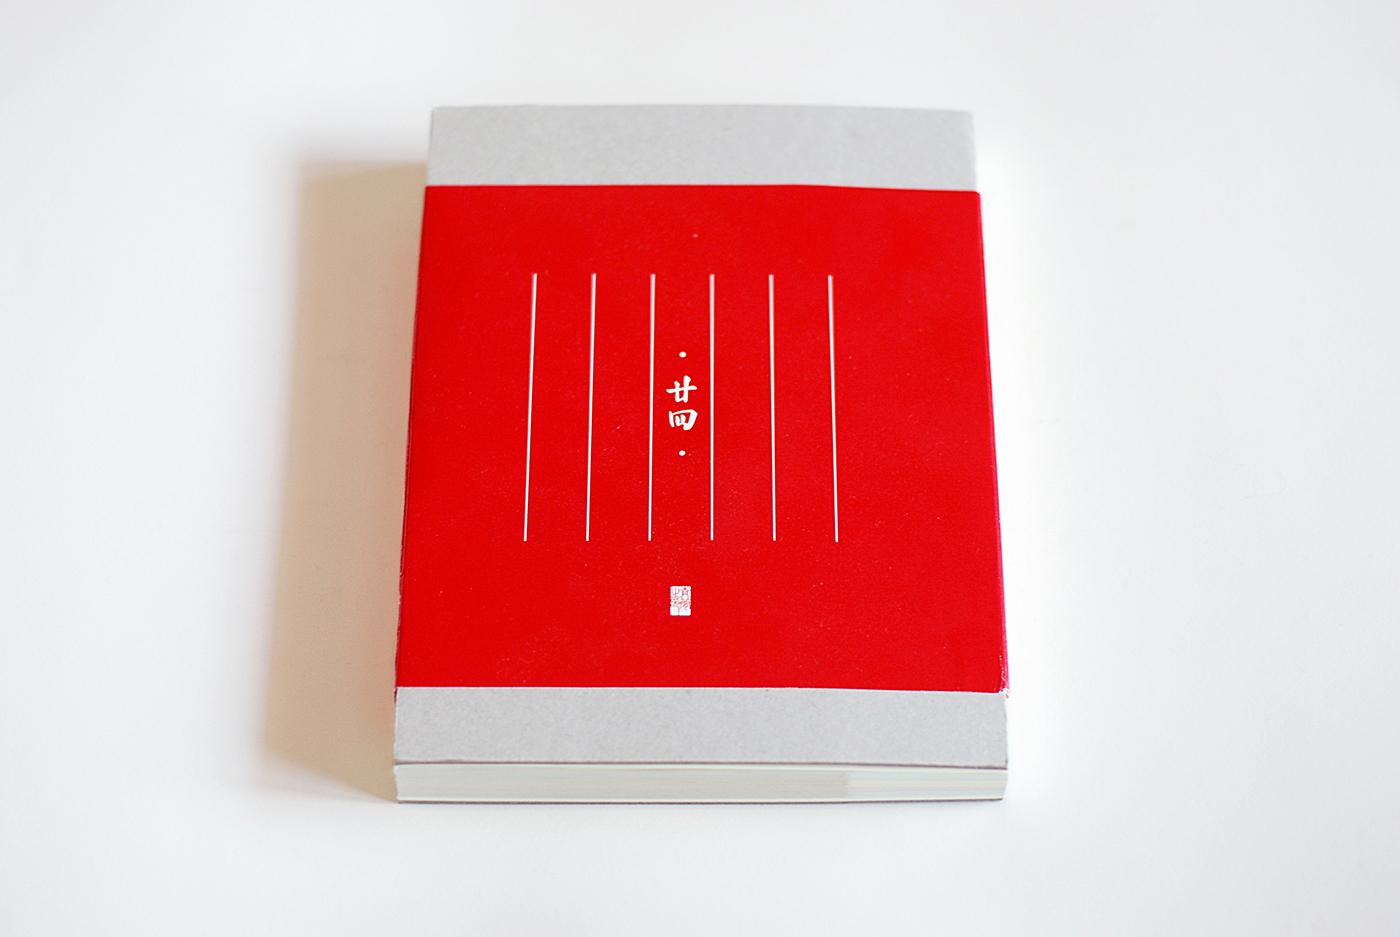 優秀的23個筆記本封面設計欣賞